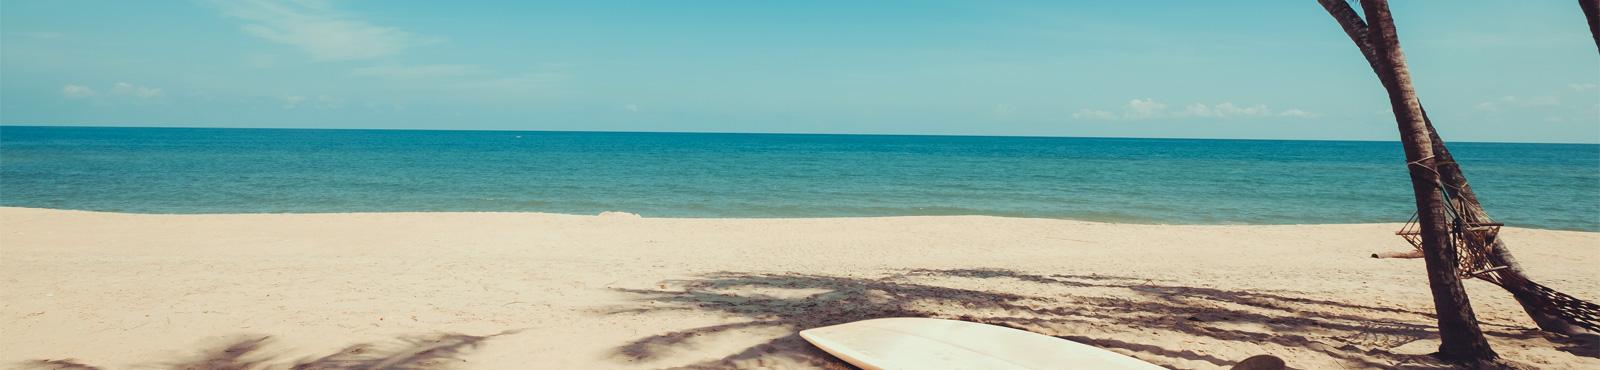 Banner 24 semanas no Hawaii – Calicultural